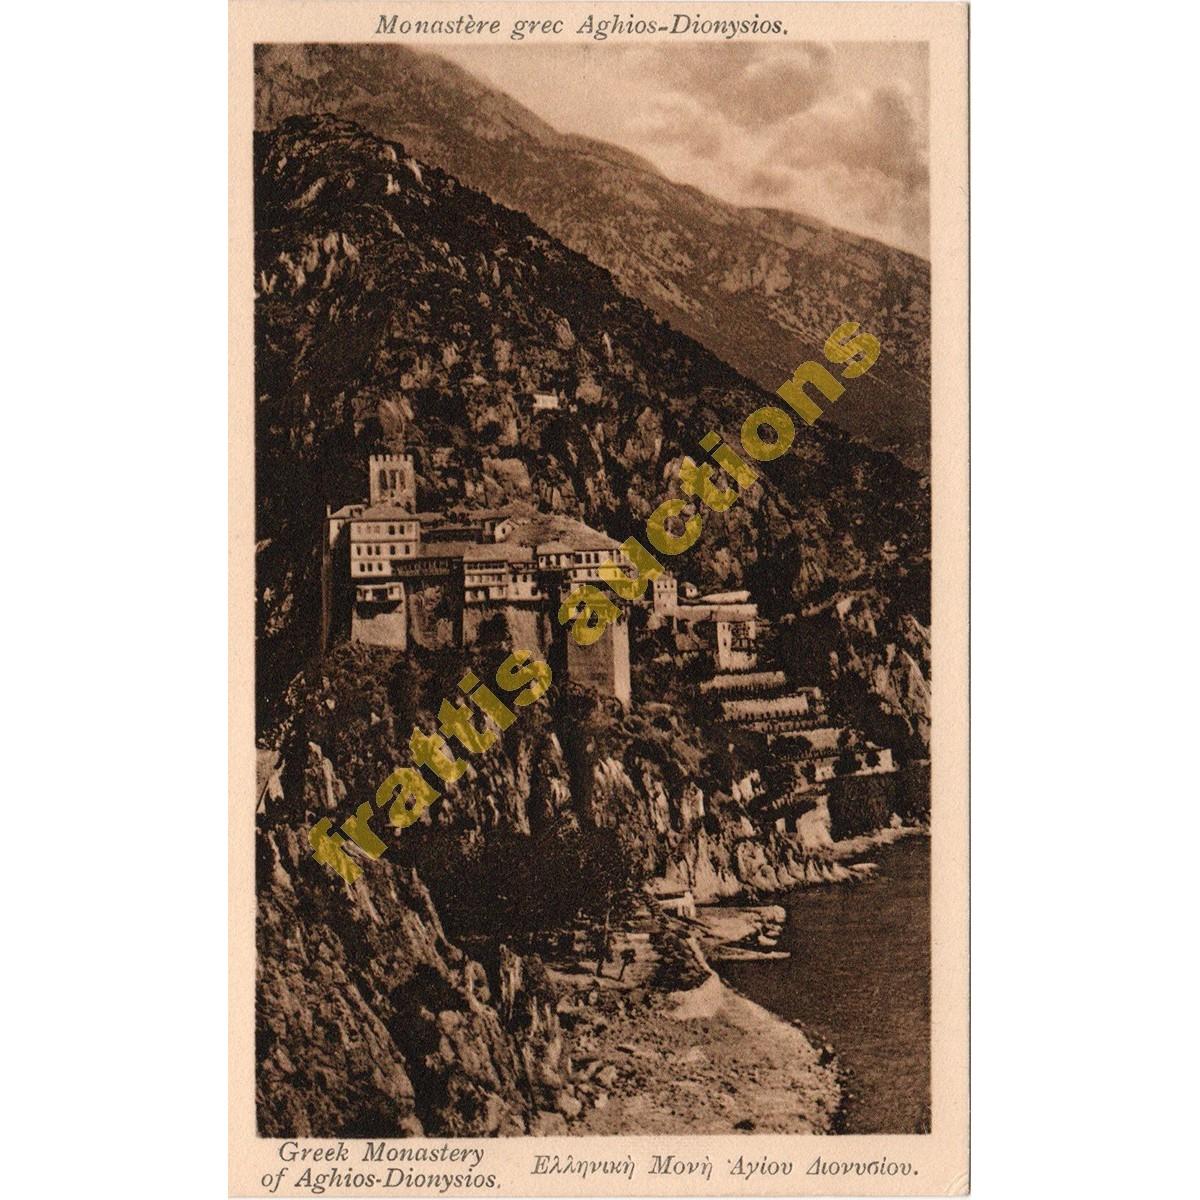 Ελληνική Μονή Αγίου Διονυσίου. Εdition d'E.F.Rochat.